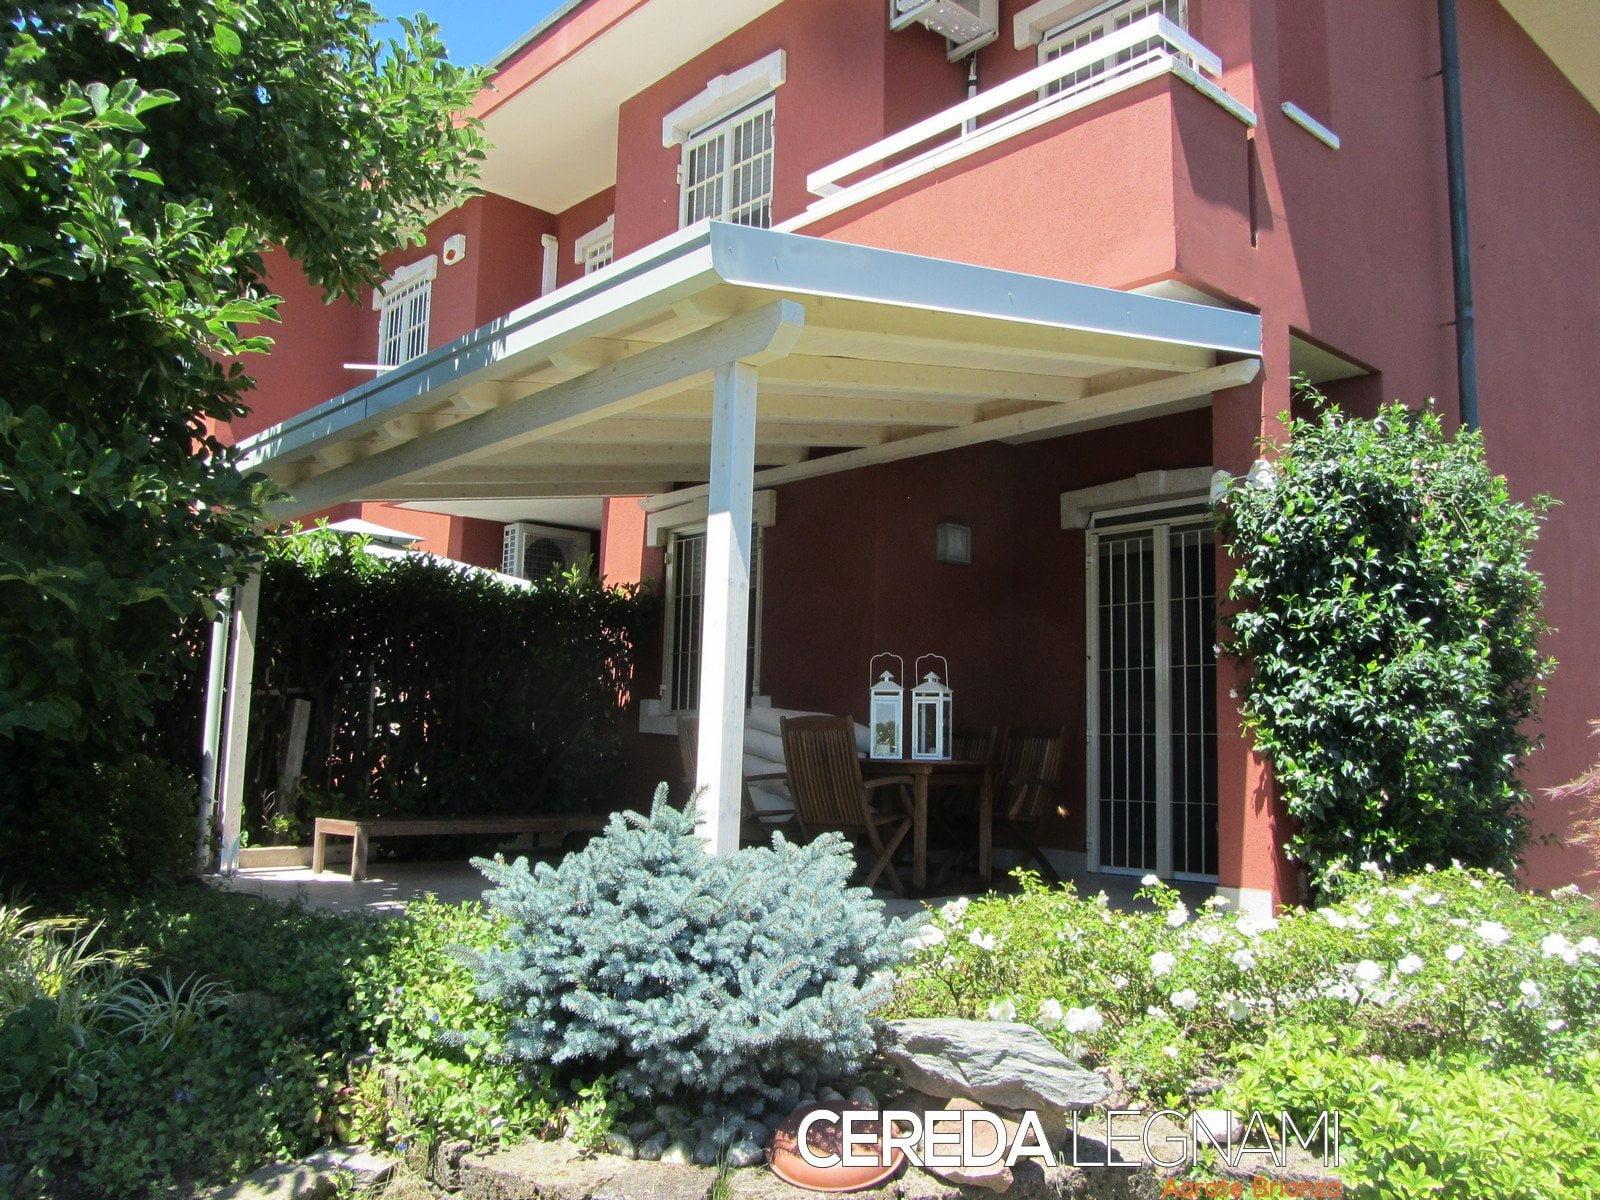 Veranda legno lamellare cereda legnami agrate brianza - Costruire veranda in giardino ...